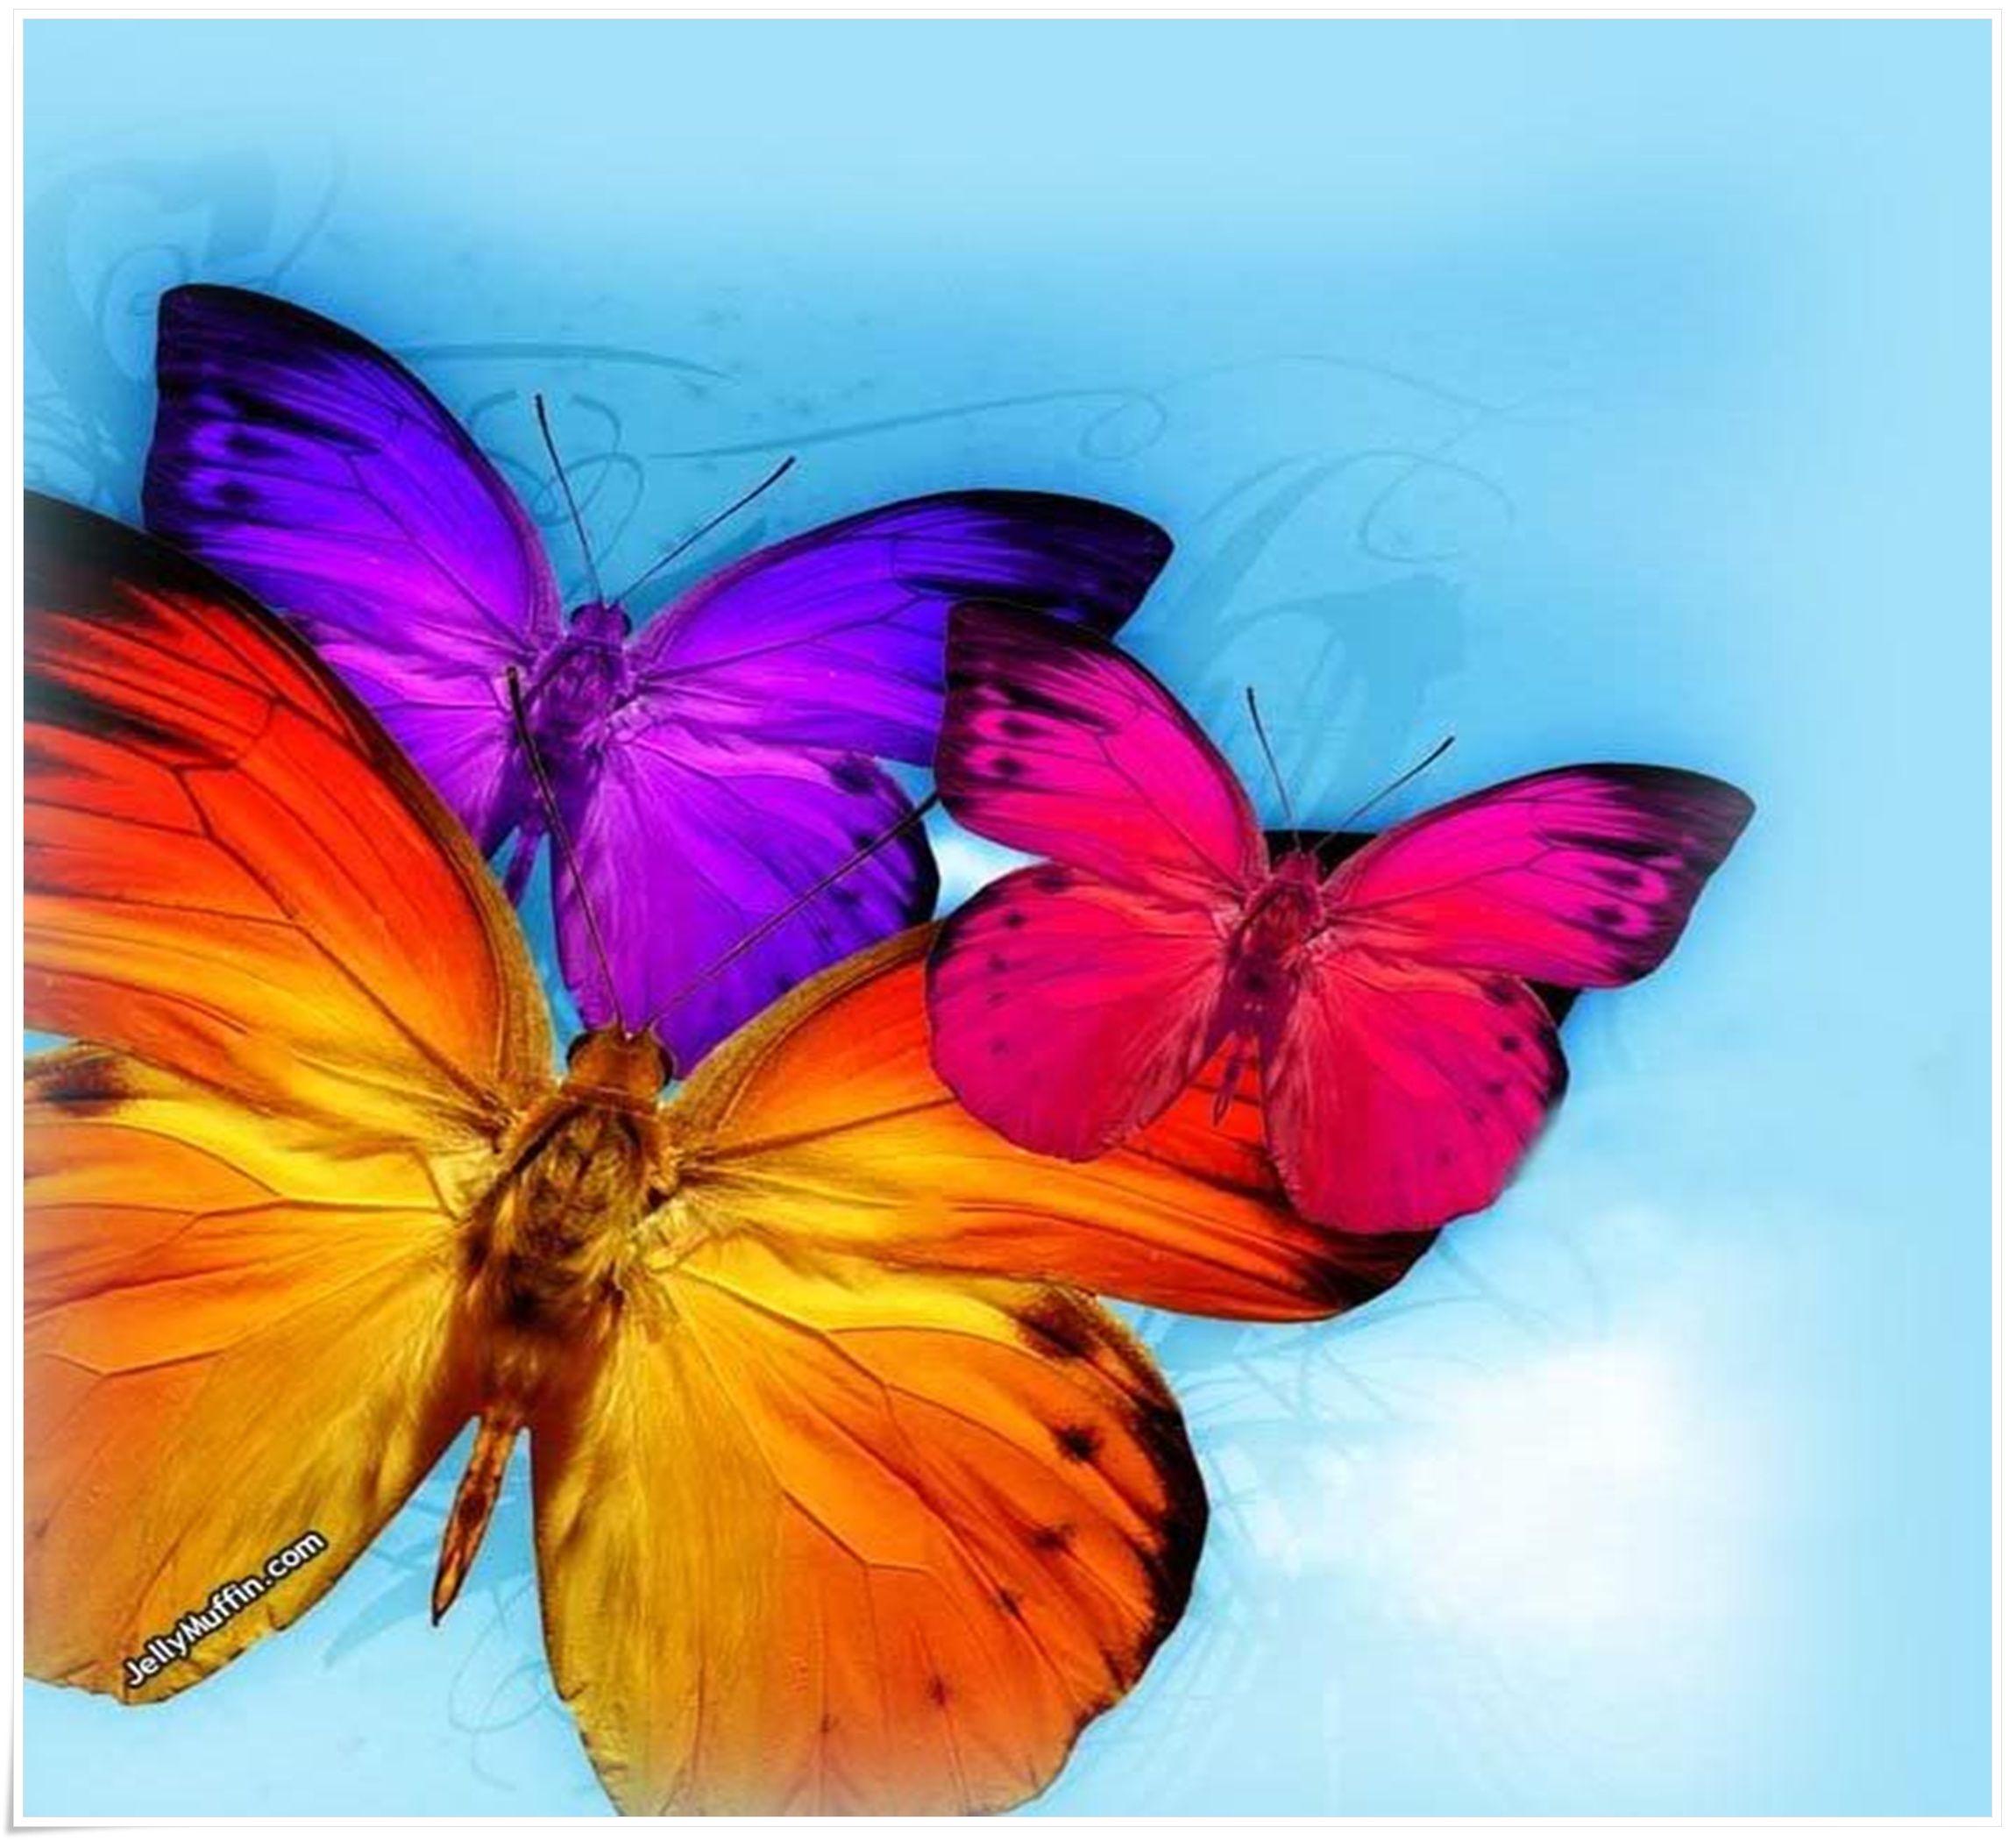 colorful-butterflies-307561.jpg (2300×2100) | Random ...